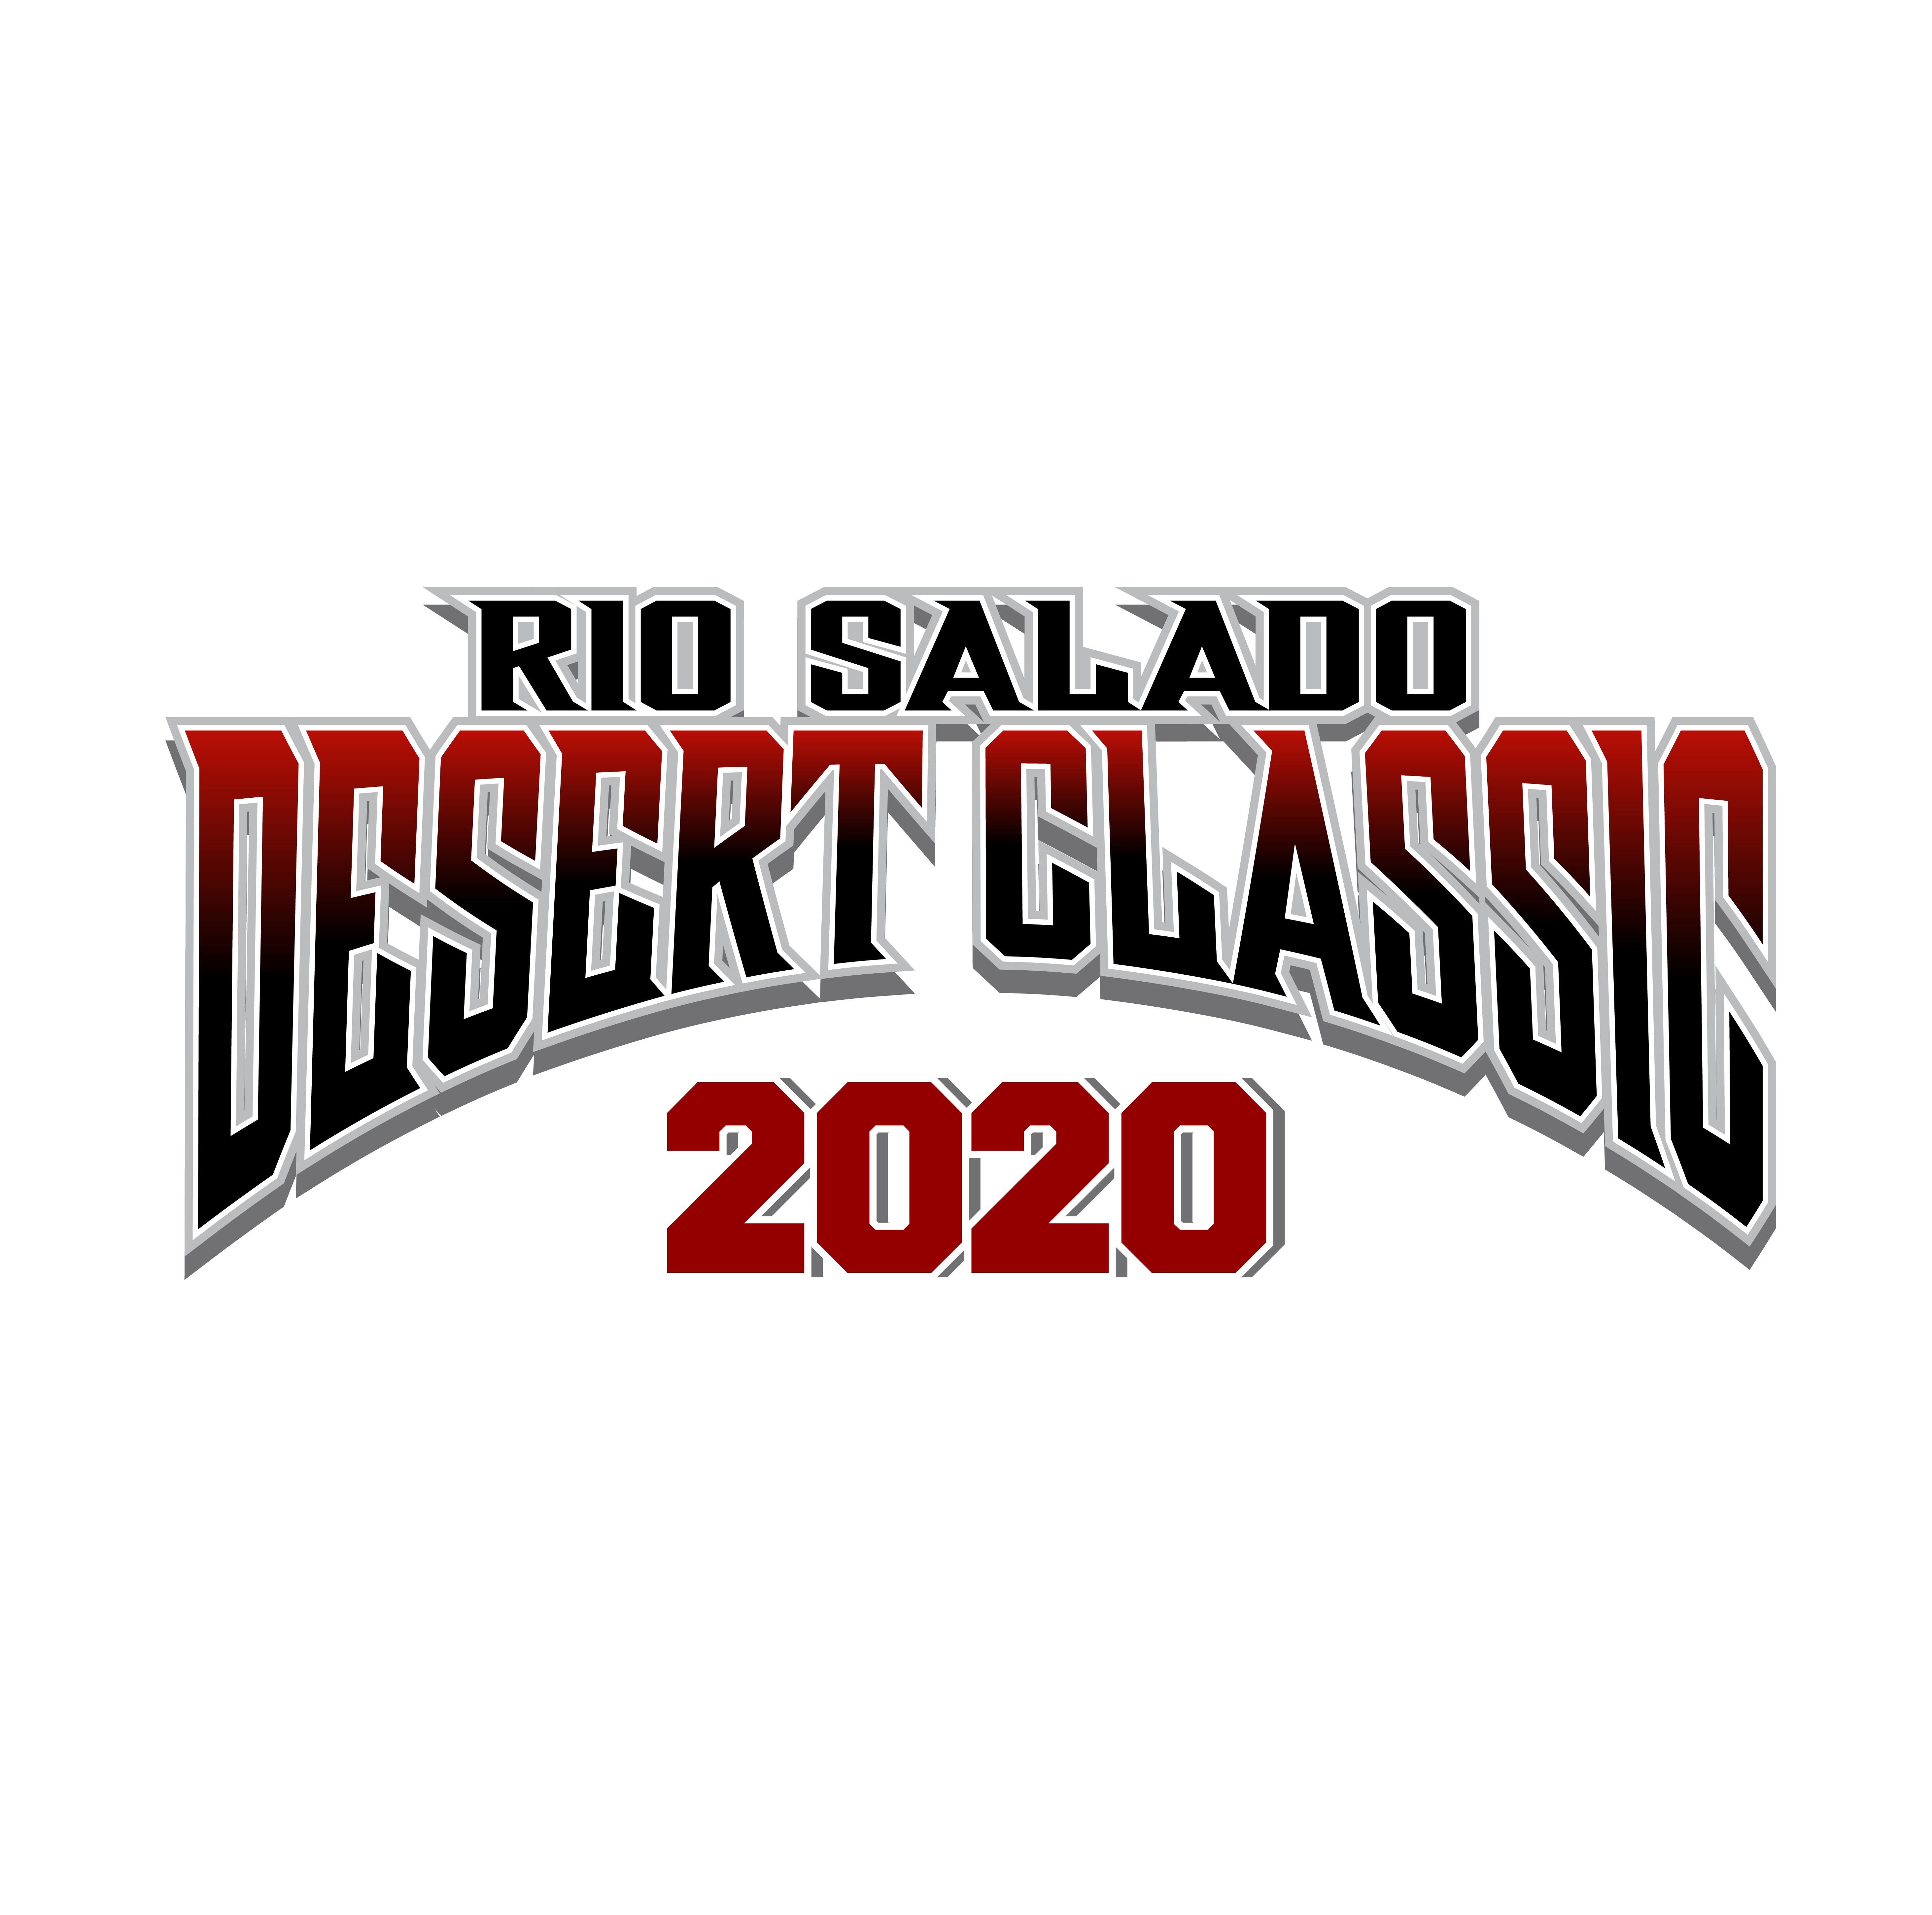 2020 Rio Salado Desert Classic